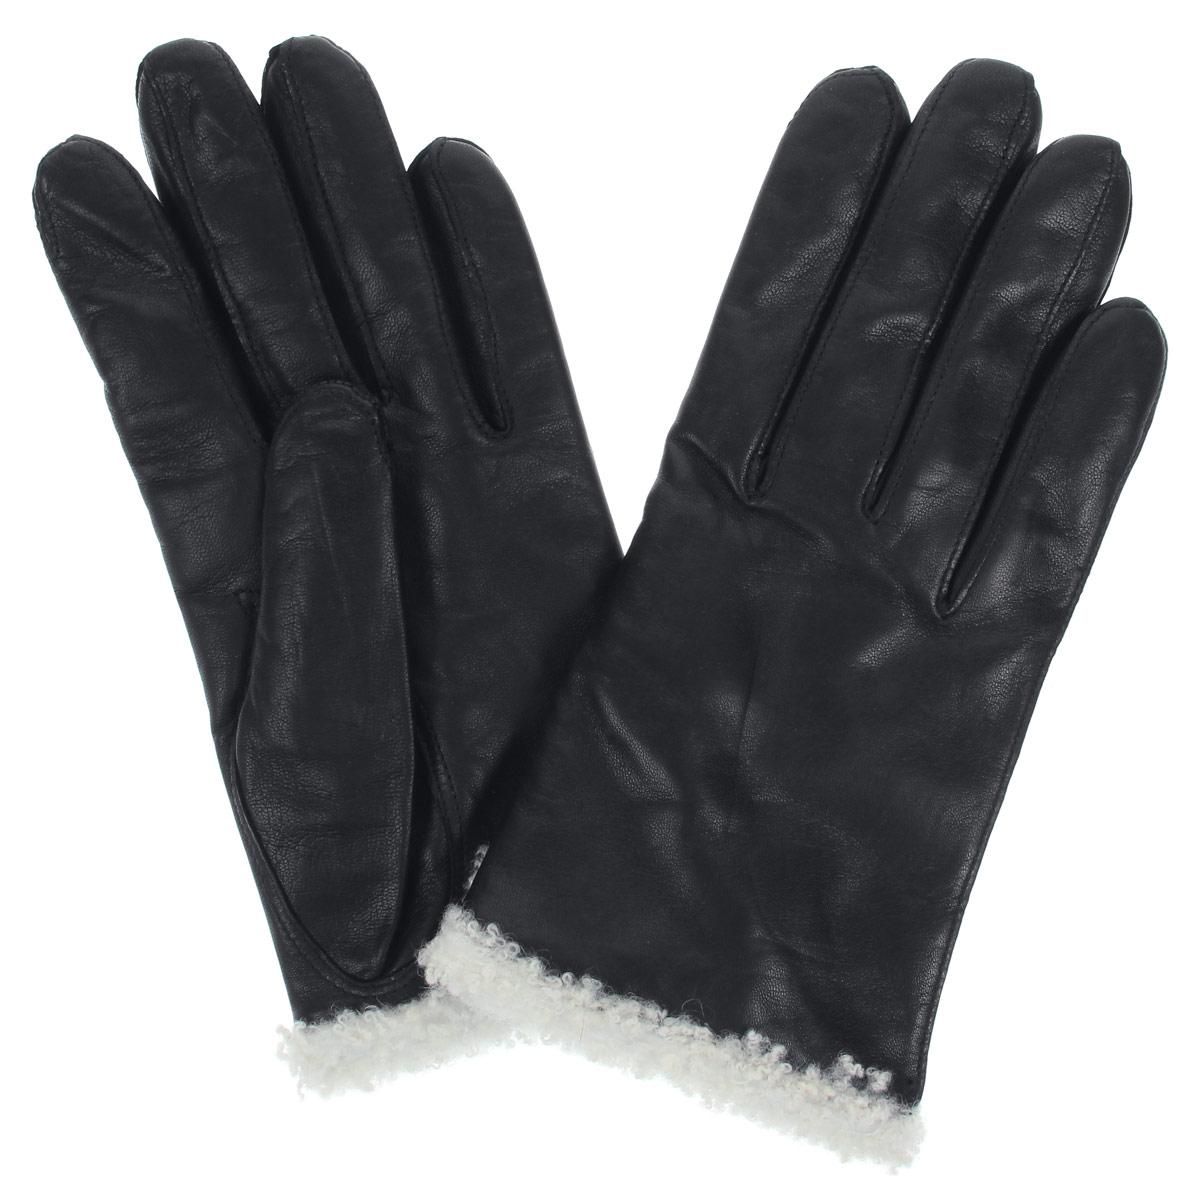 Перчатки женские. DF12-2300.agneDF12-2300.agneСтильные женские перчатки Bartoc не только защитят ваши руки от холода, но и станут великолепным украшением. Они выполнены из мягкой и приятной на ощупь натуральной кожи ягненка, подкладка - из шерсти. Декорированы перчатки по краю оторочкой из шерсти ягненка. На тыльной стороне изделия имеется небольшой разрез. Укороченная, но теплая модель, особо удобна автомобилистам зимой. Перчатки являются неотъемлемой принадлежностью одежды, вместе с этим аксессуаром вы обретаете женственность и элегантность. Они станут завершающим и подчеркивающим элементом вашего неповторимого стиля и индивидуальности.